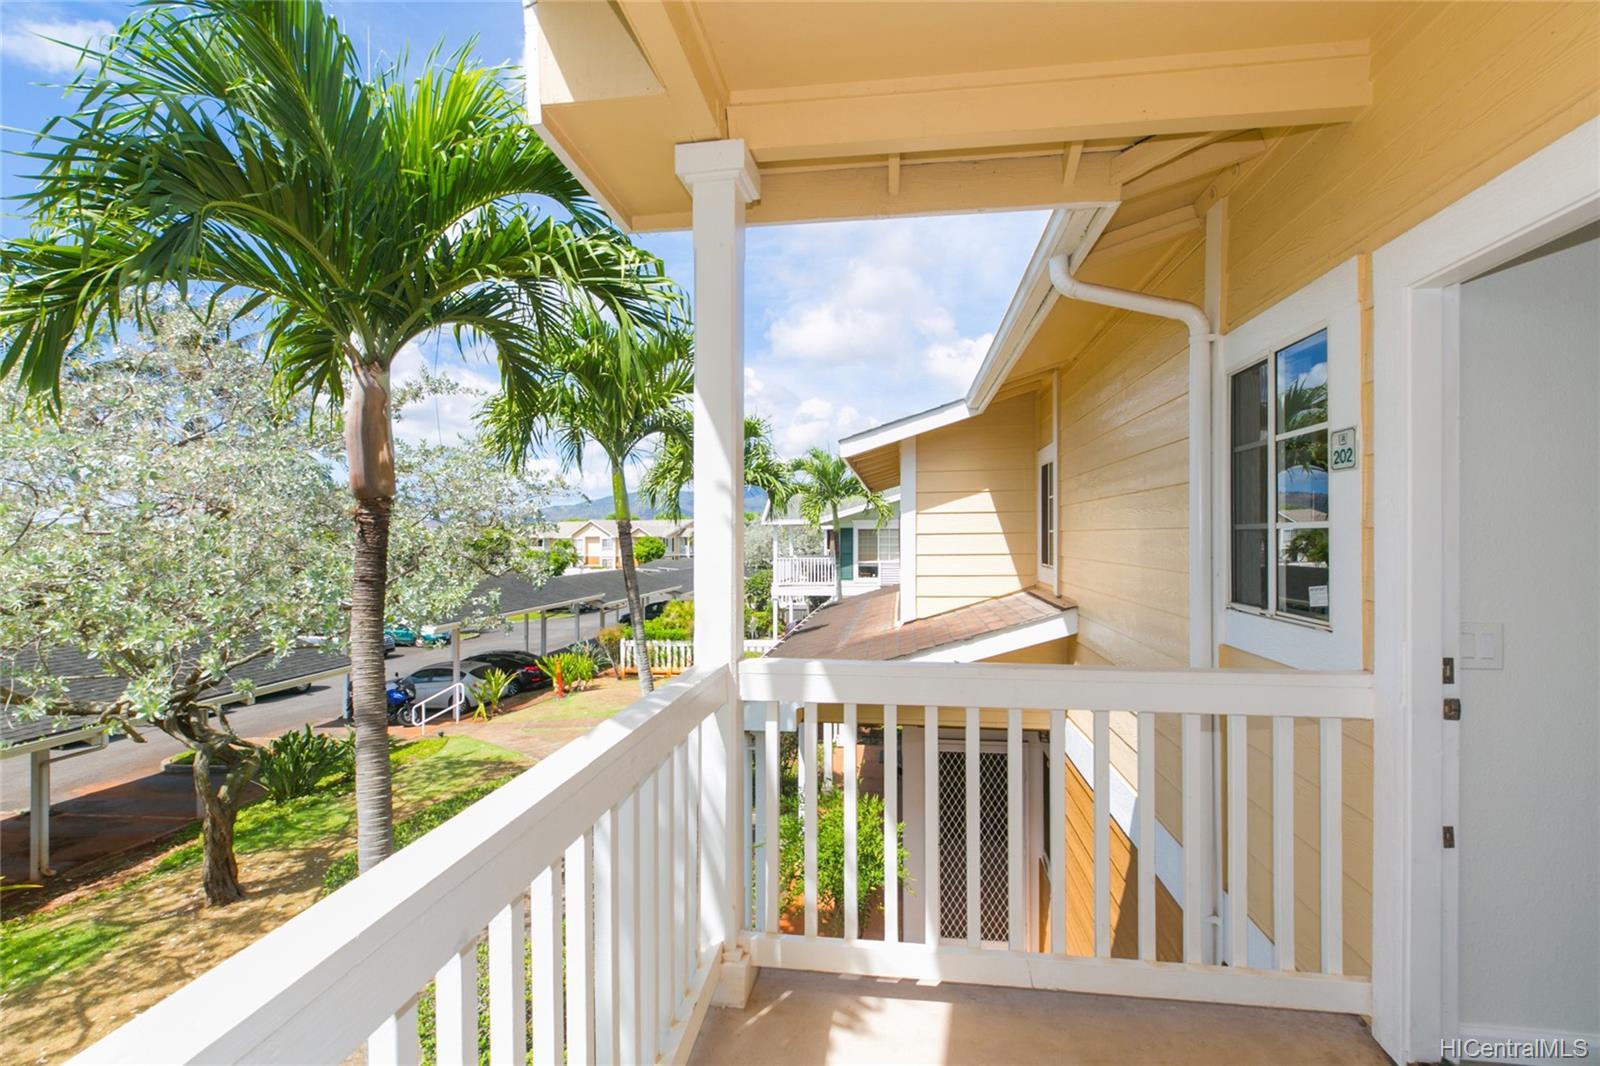 94-602 Lumiauau Street townhouse # R202, Waipahu, Hawaii - photo 20 of 24